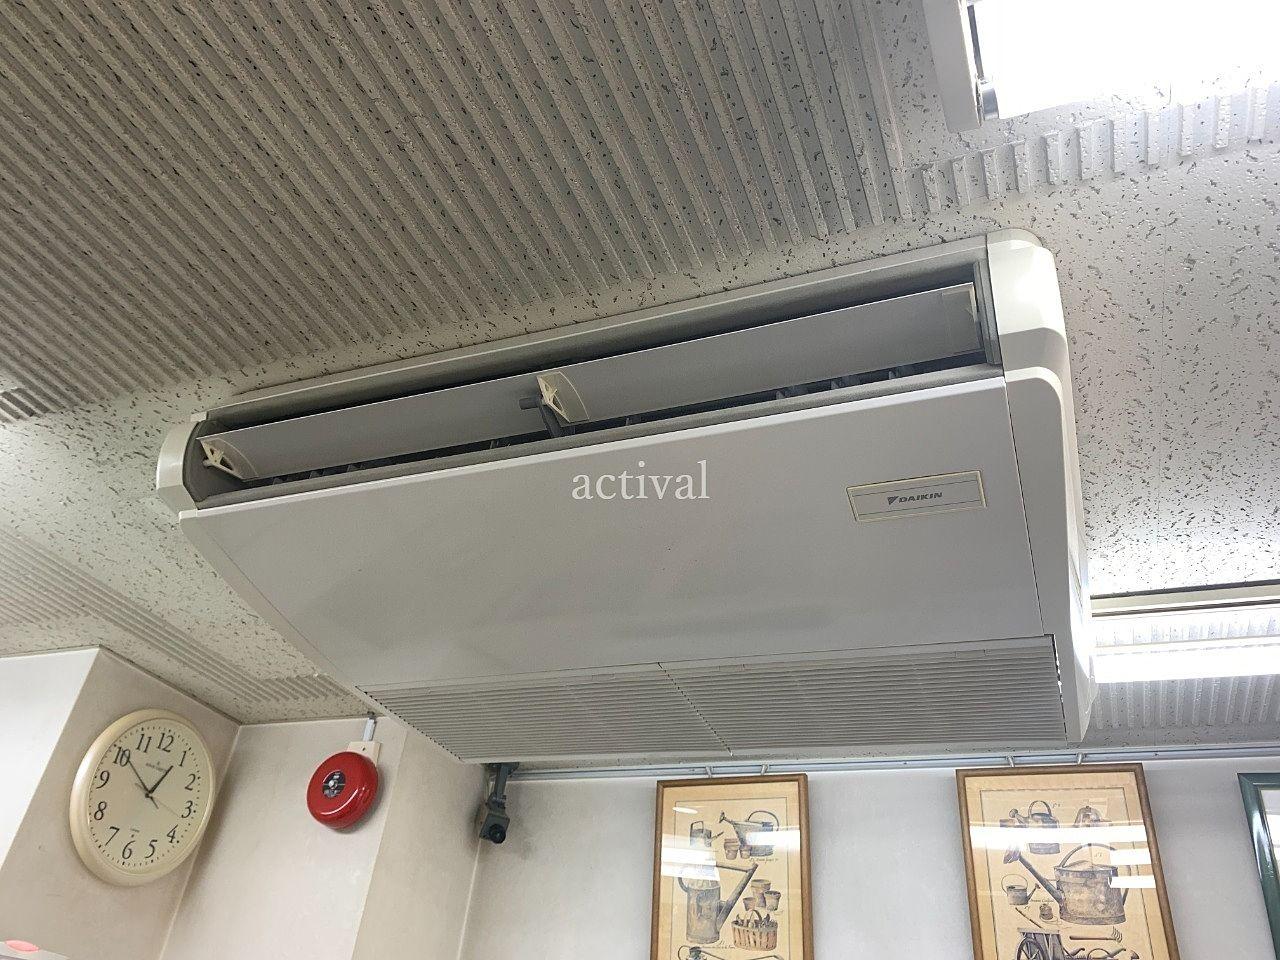 ア・ス・ヴェルデ管理事務所のエアコンを掃除しました。